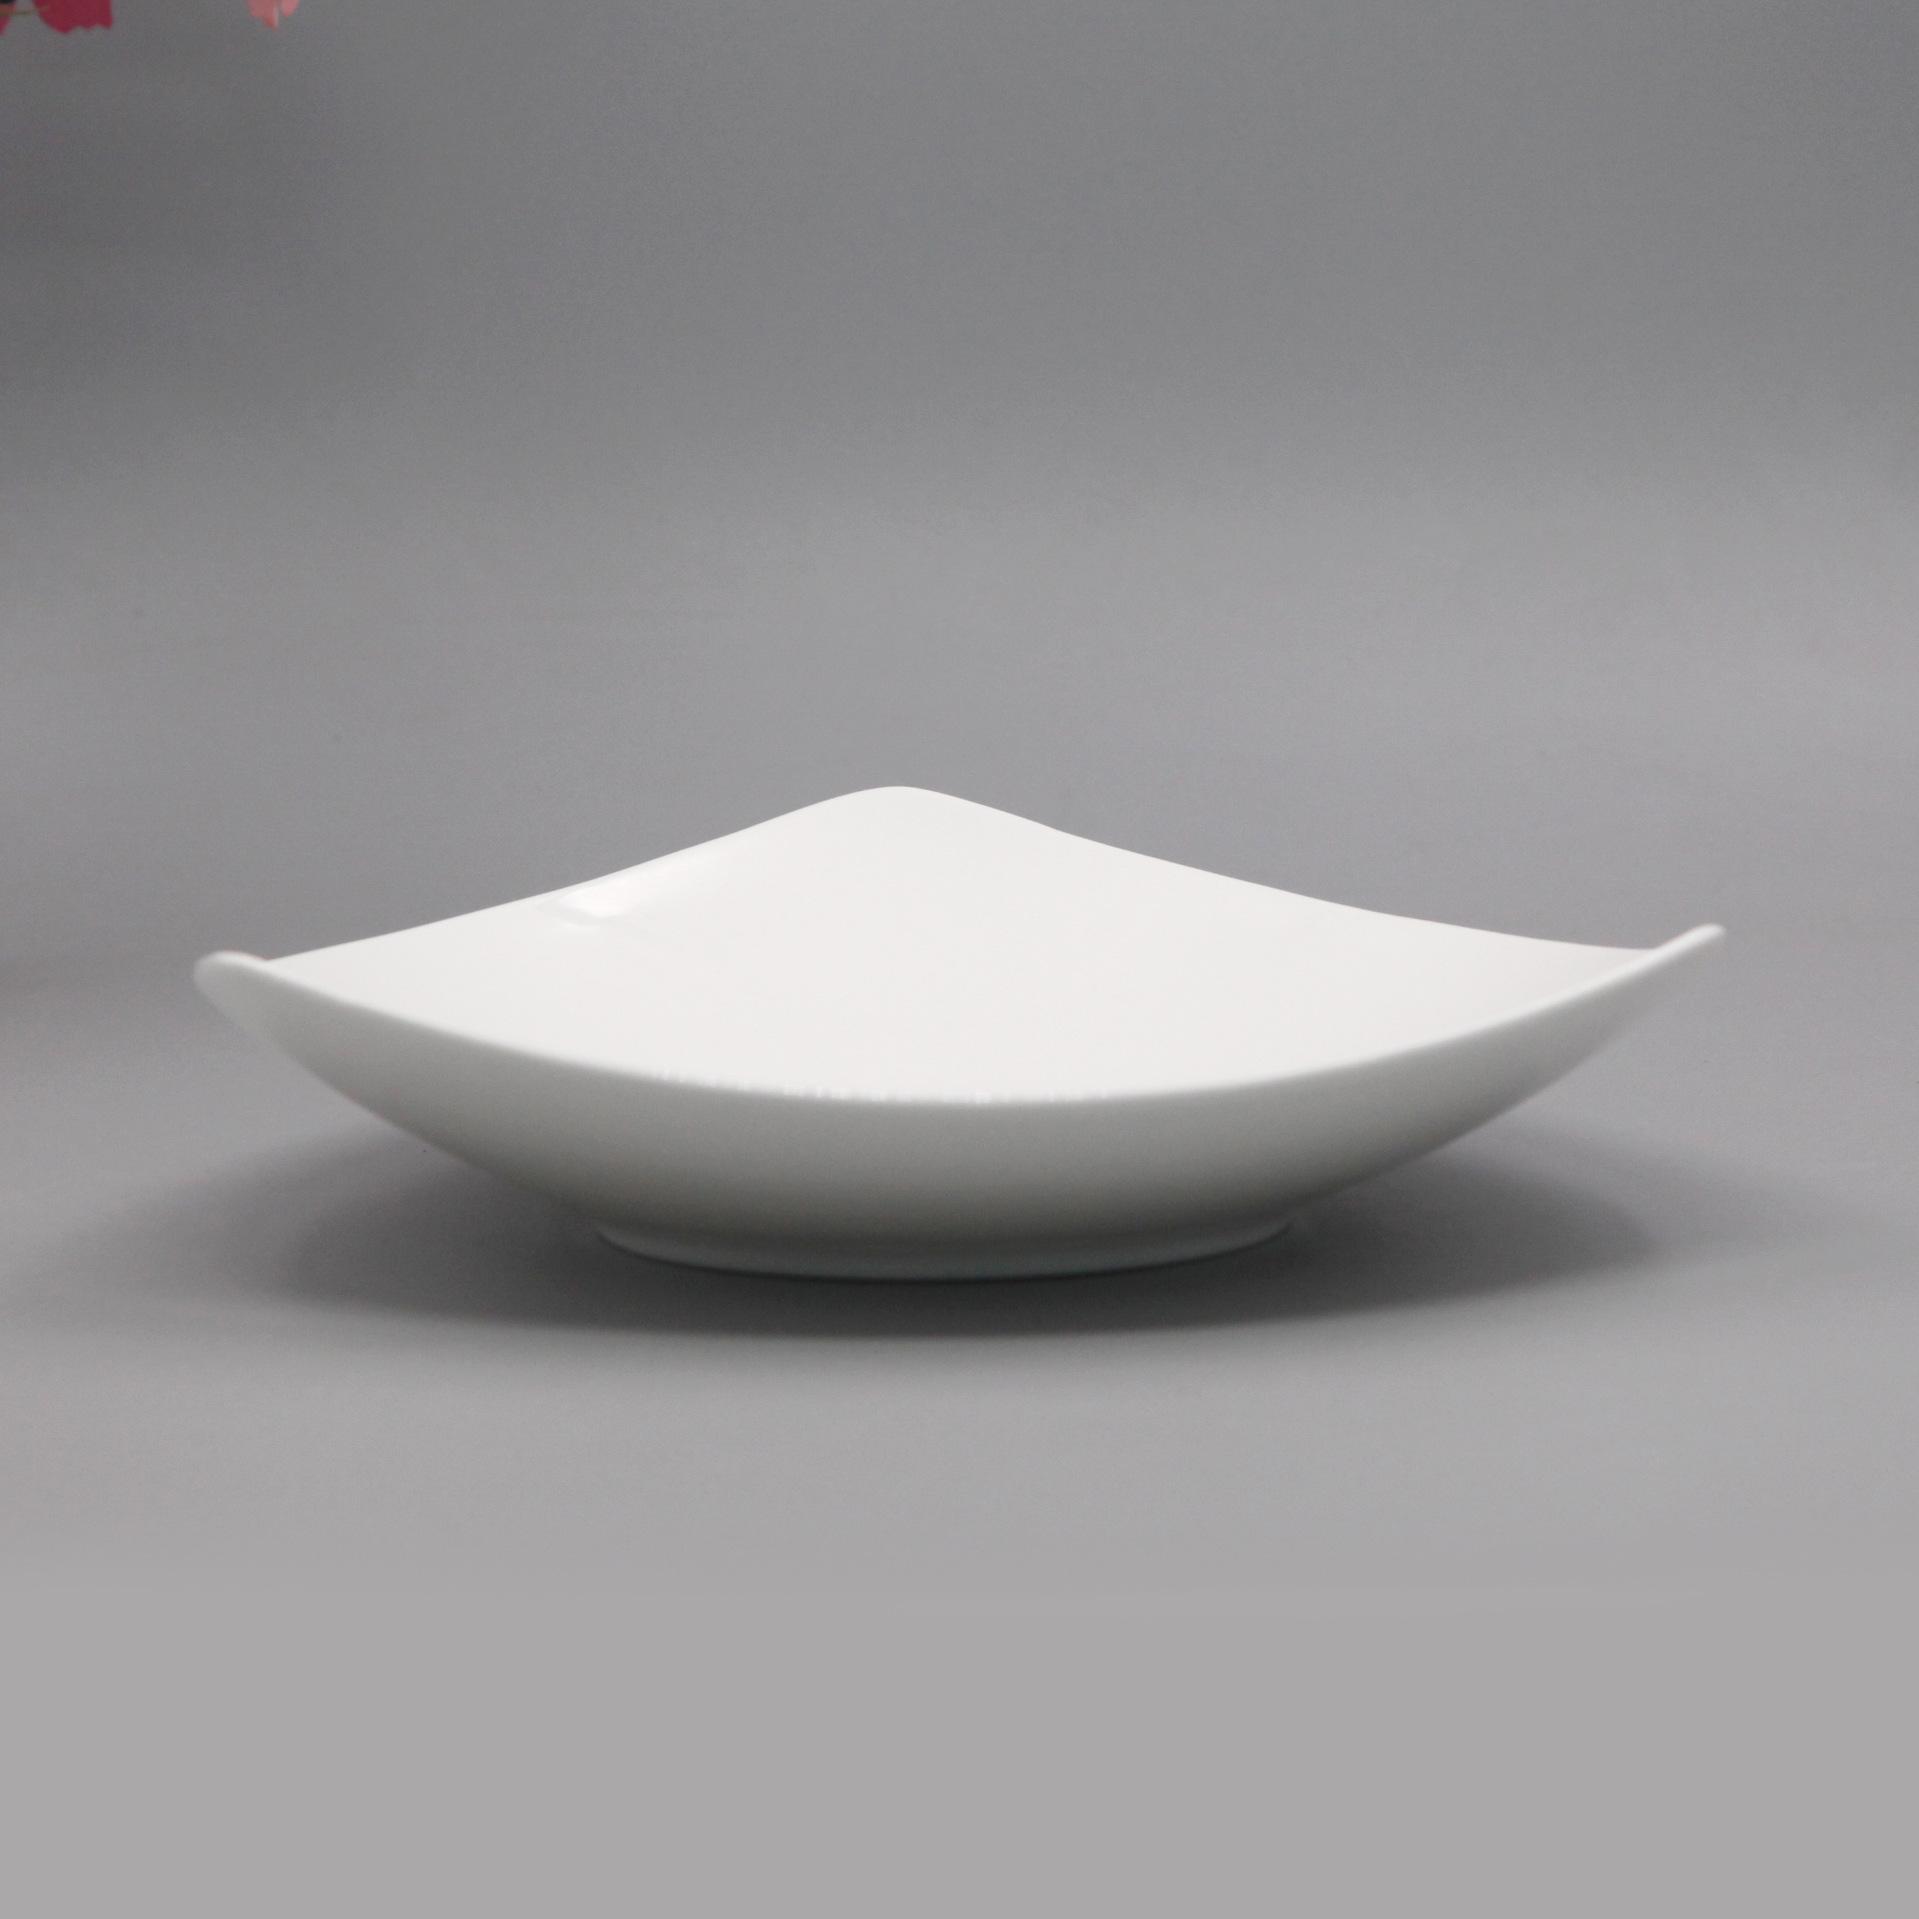 雷格 唐山骨瓷 纯白新品个性陶瓷餐具三角盘 饭盘汤盘